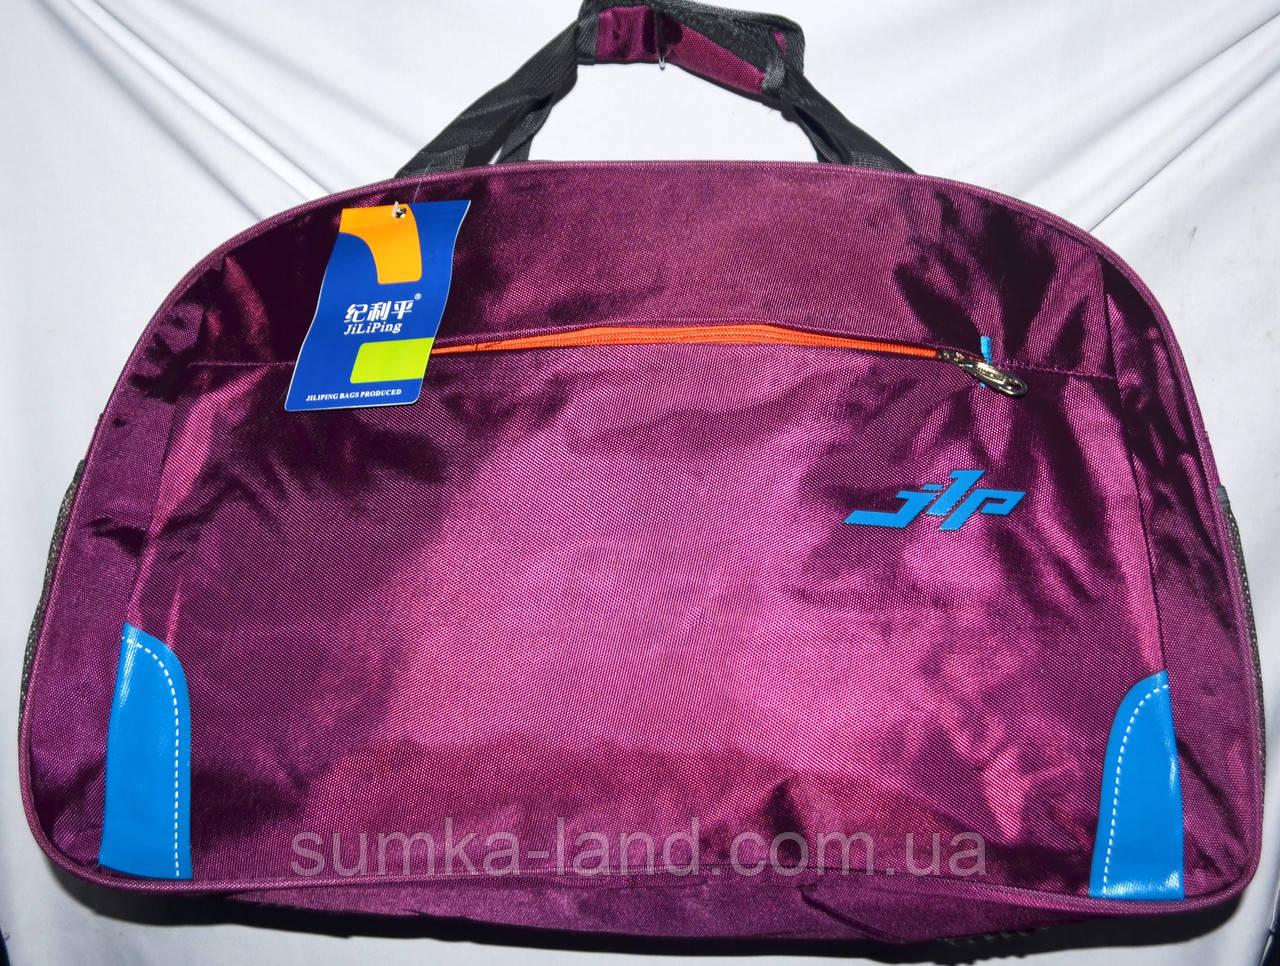 Универсальная спортивная дорожная сумка 56*36 см фиолетовая